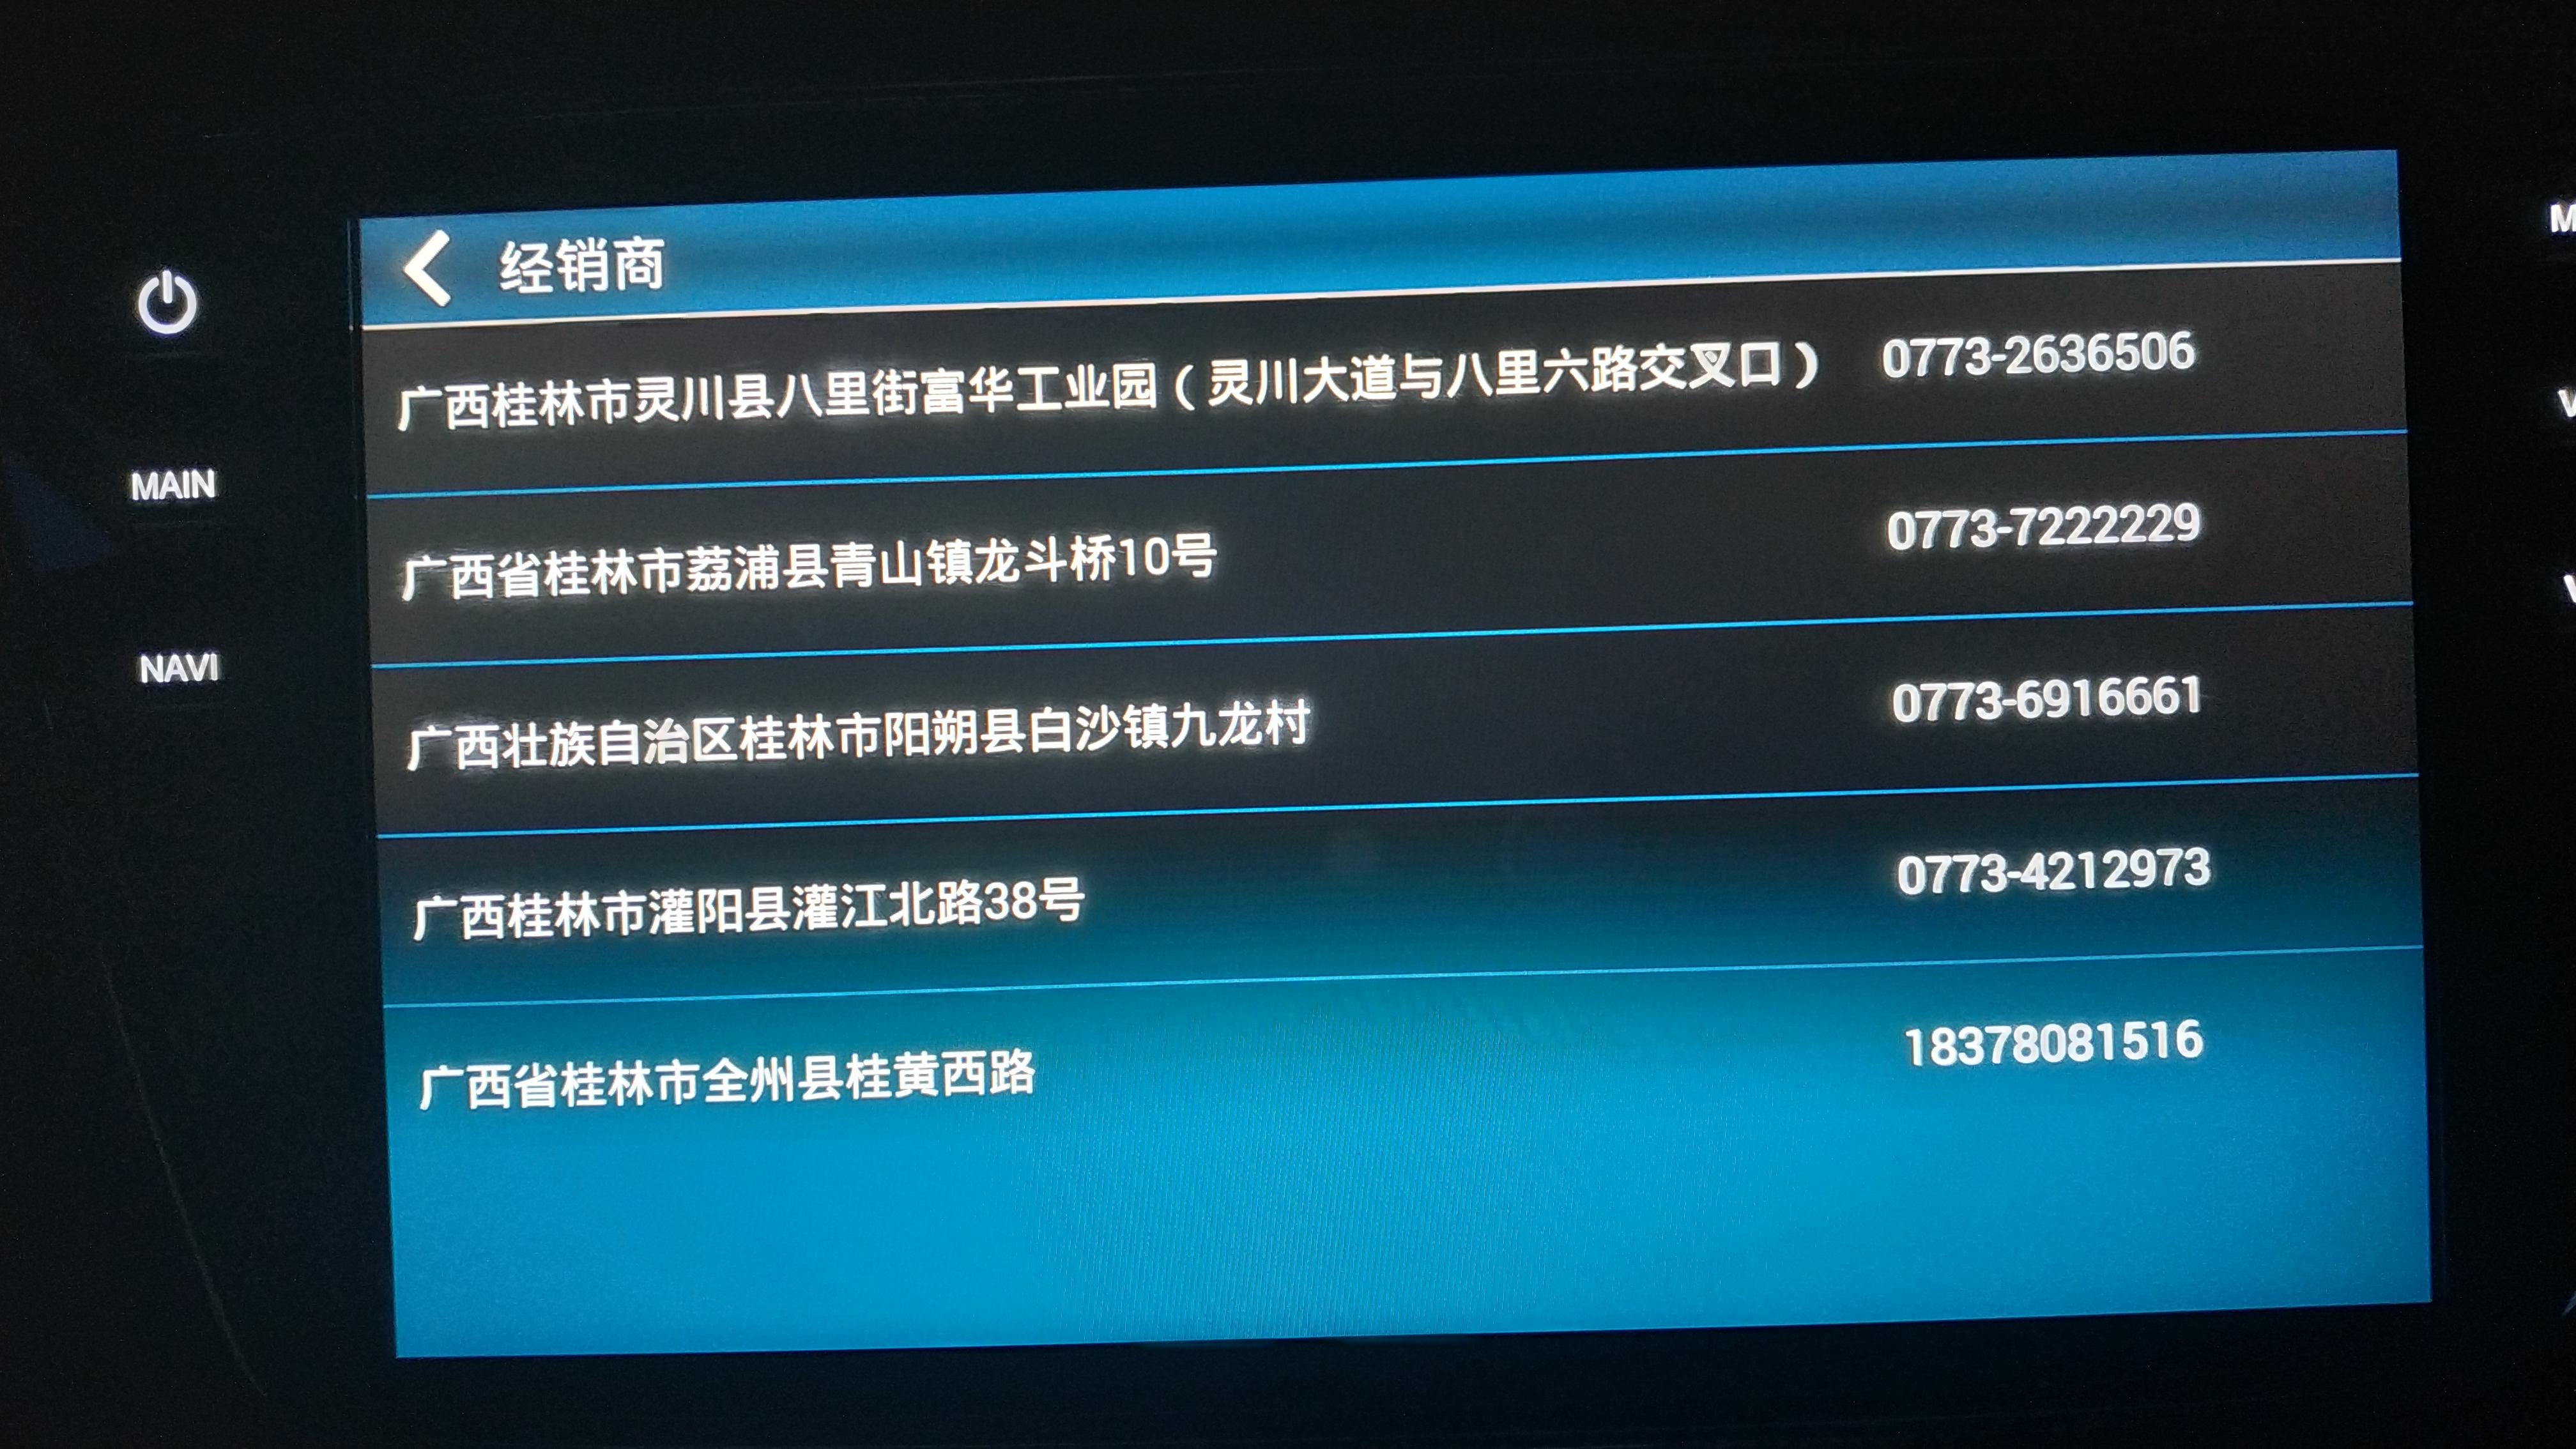 长安汽车-欧尚A800 违约欺骗态度差不担责,厂家不作为不能解决实际问题